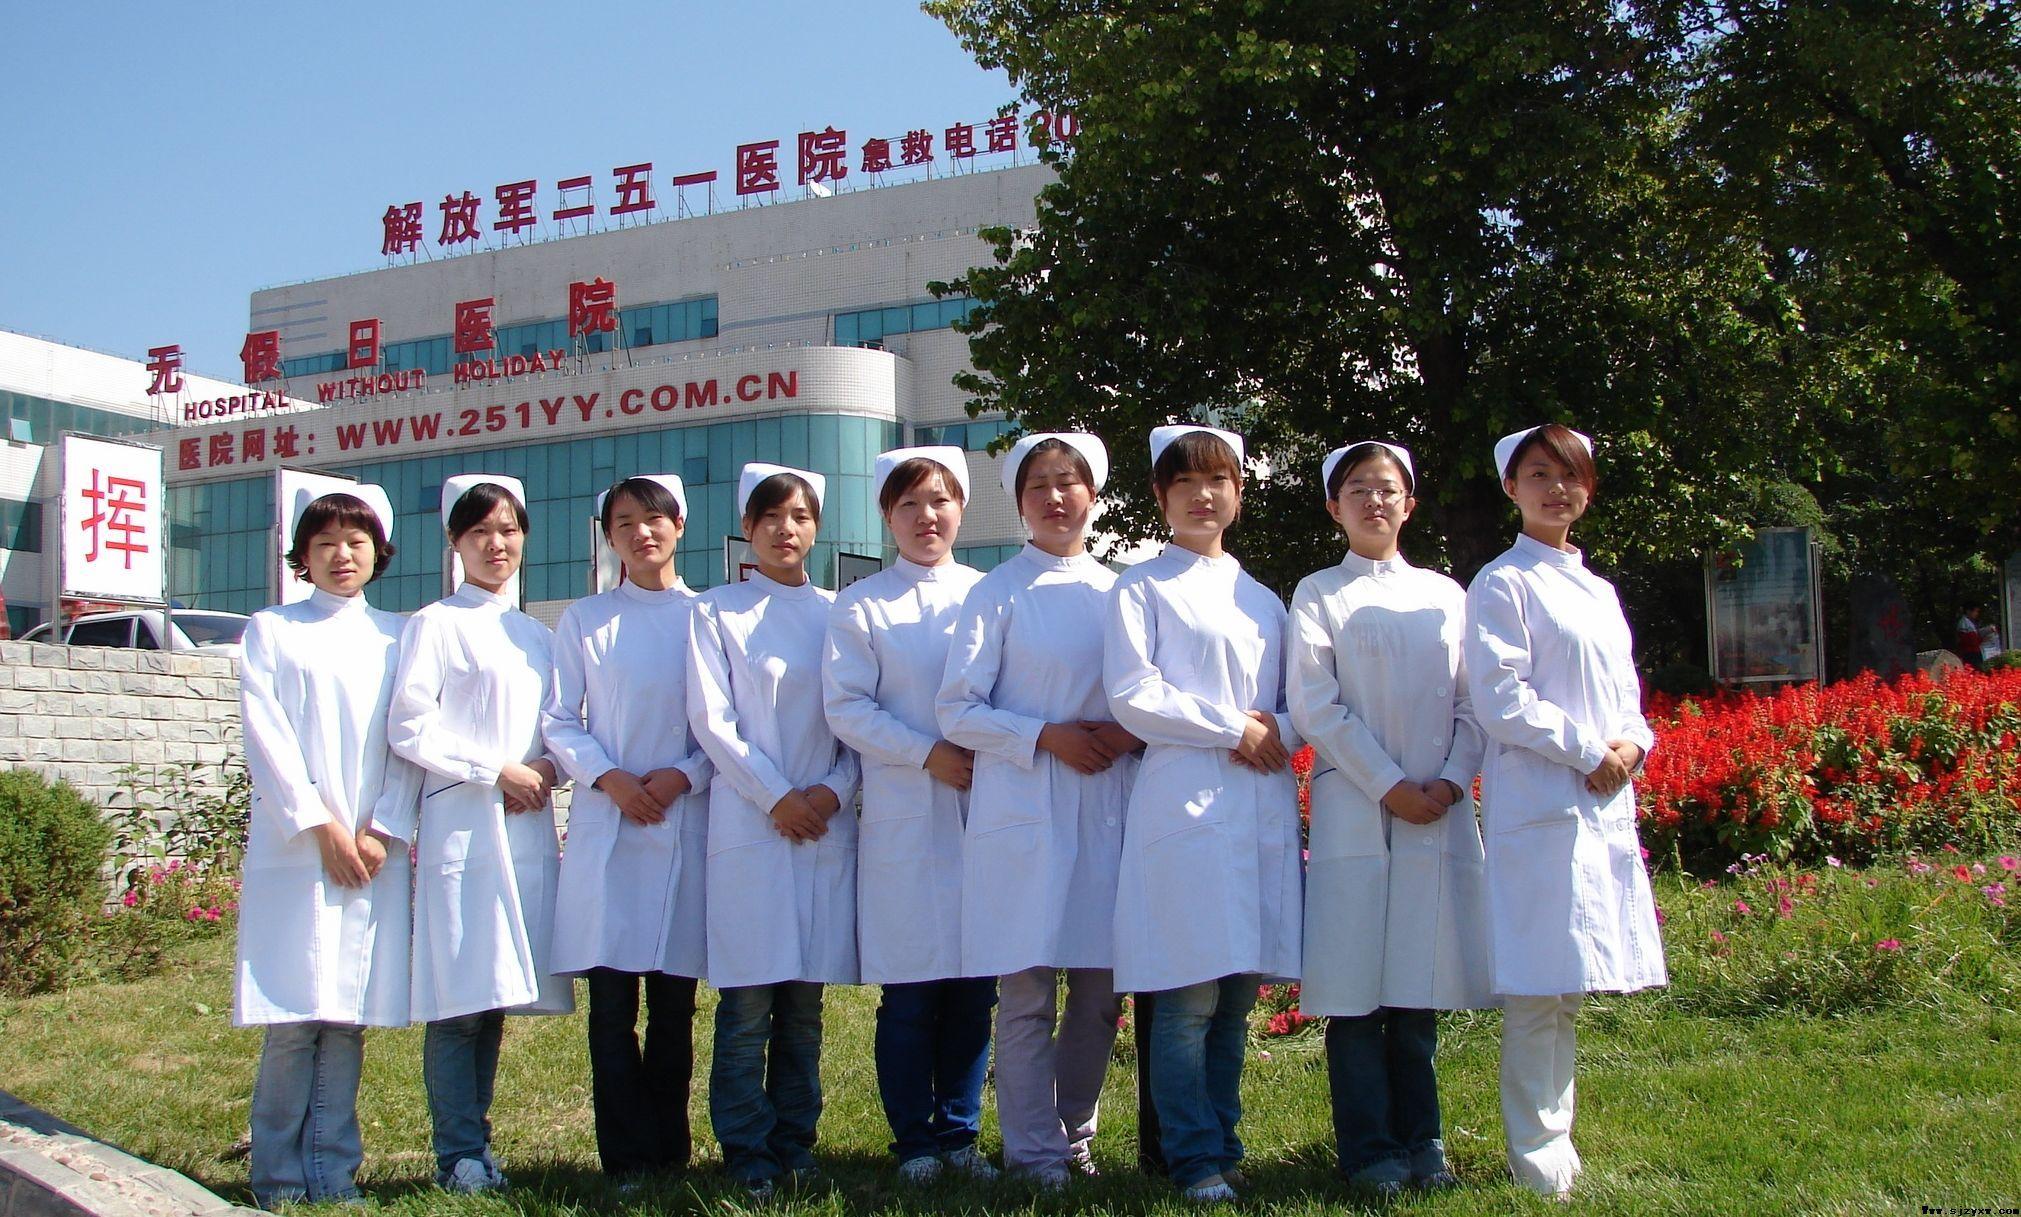 解放军二五一医院-石家庄口腔医学院实习基地-